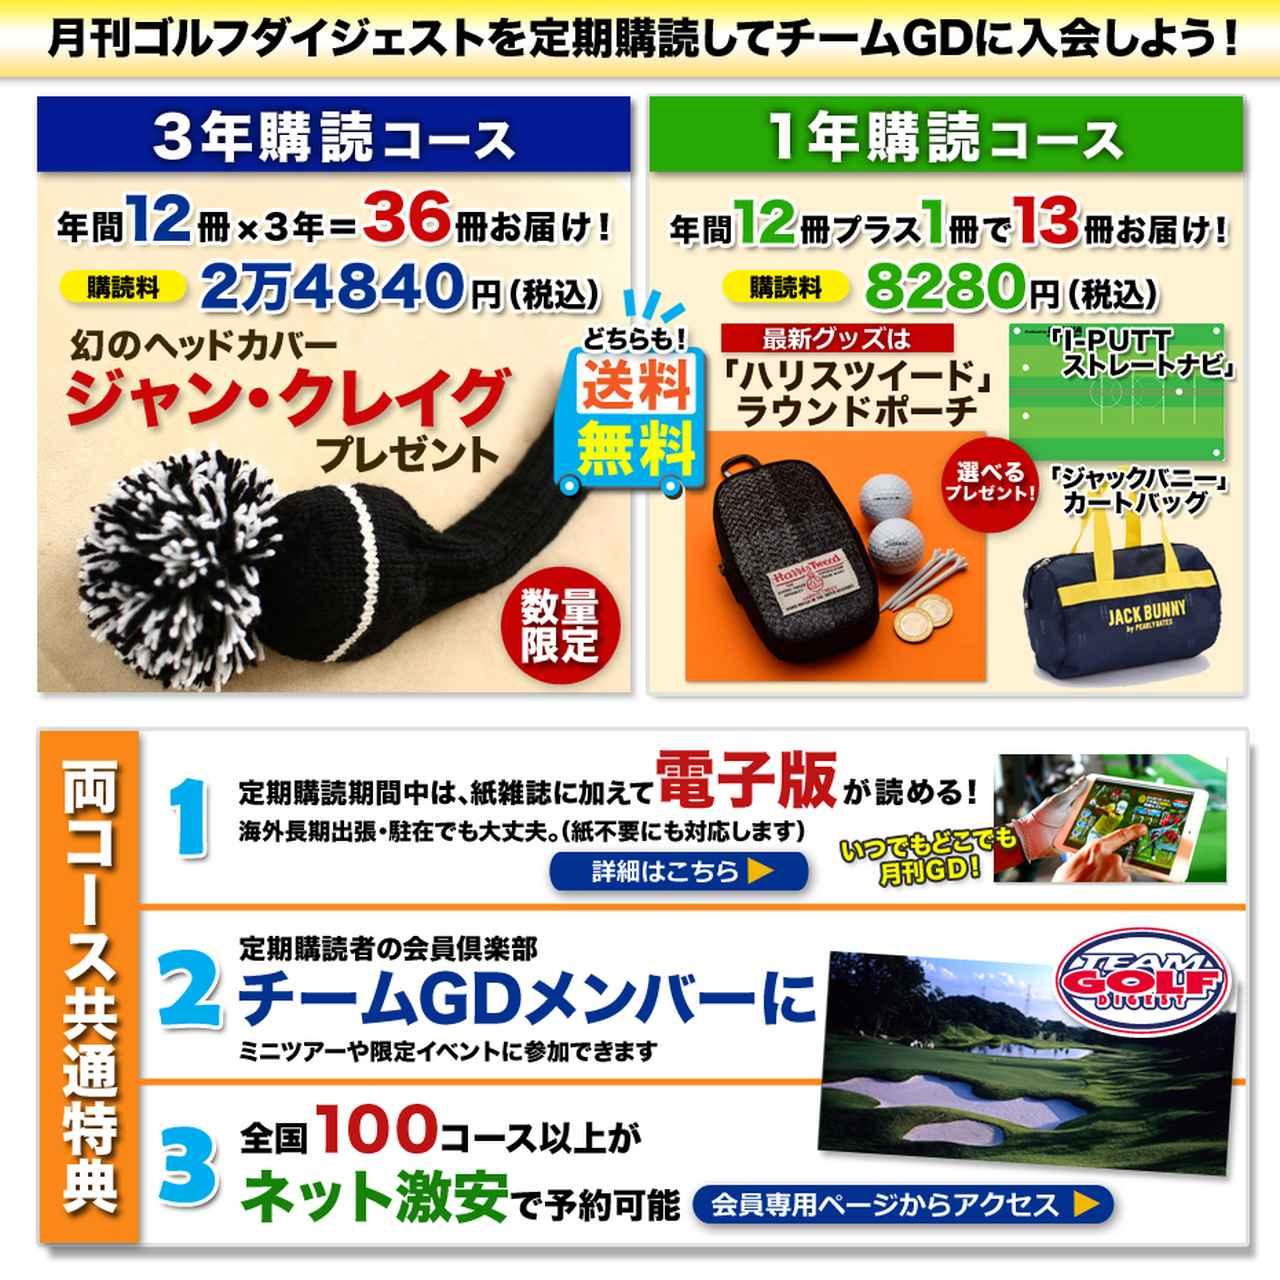 画像: 入会のご案内   チームGD   月刊ゴルフダイジェスト